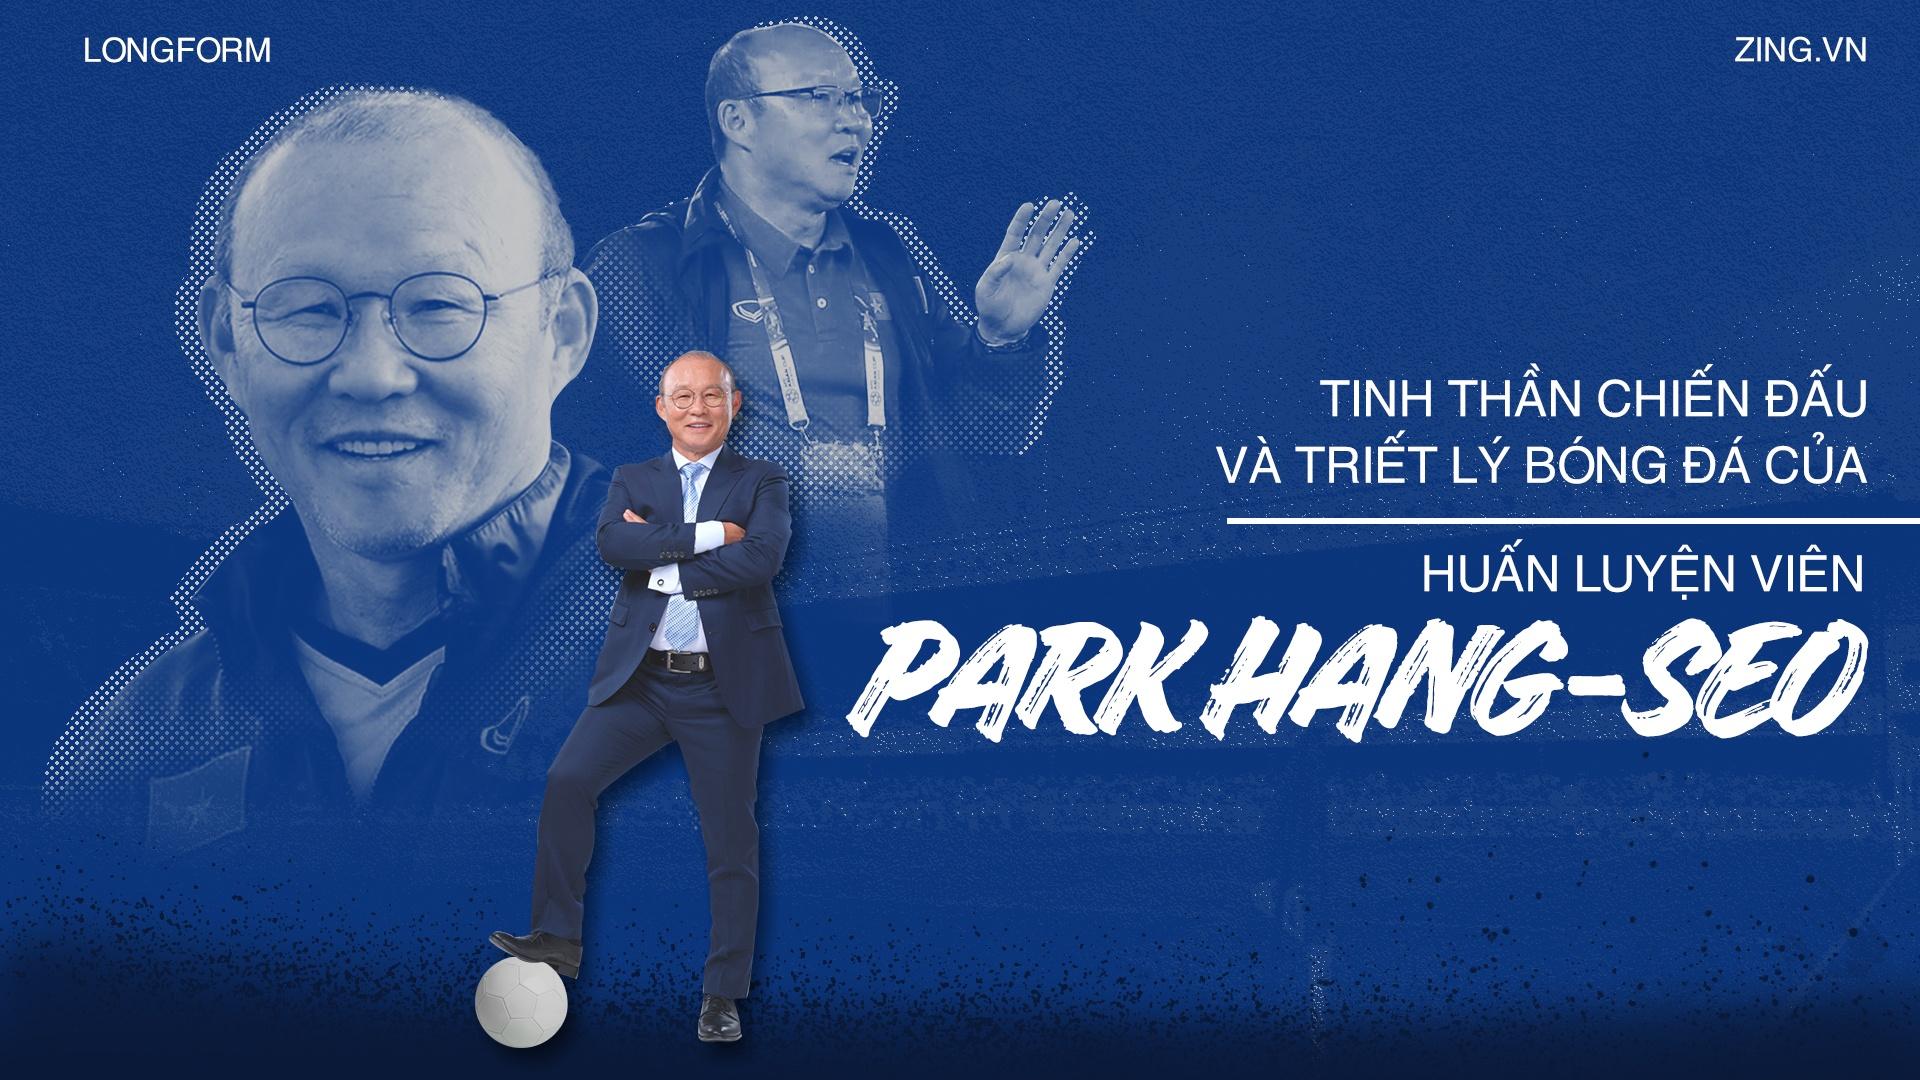 HLV Park Hang-seo anh 2